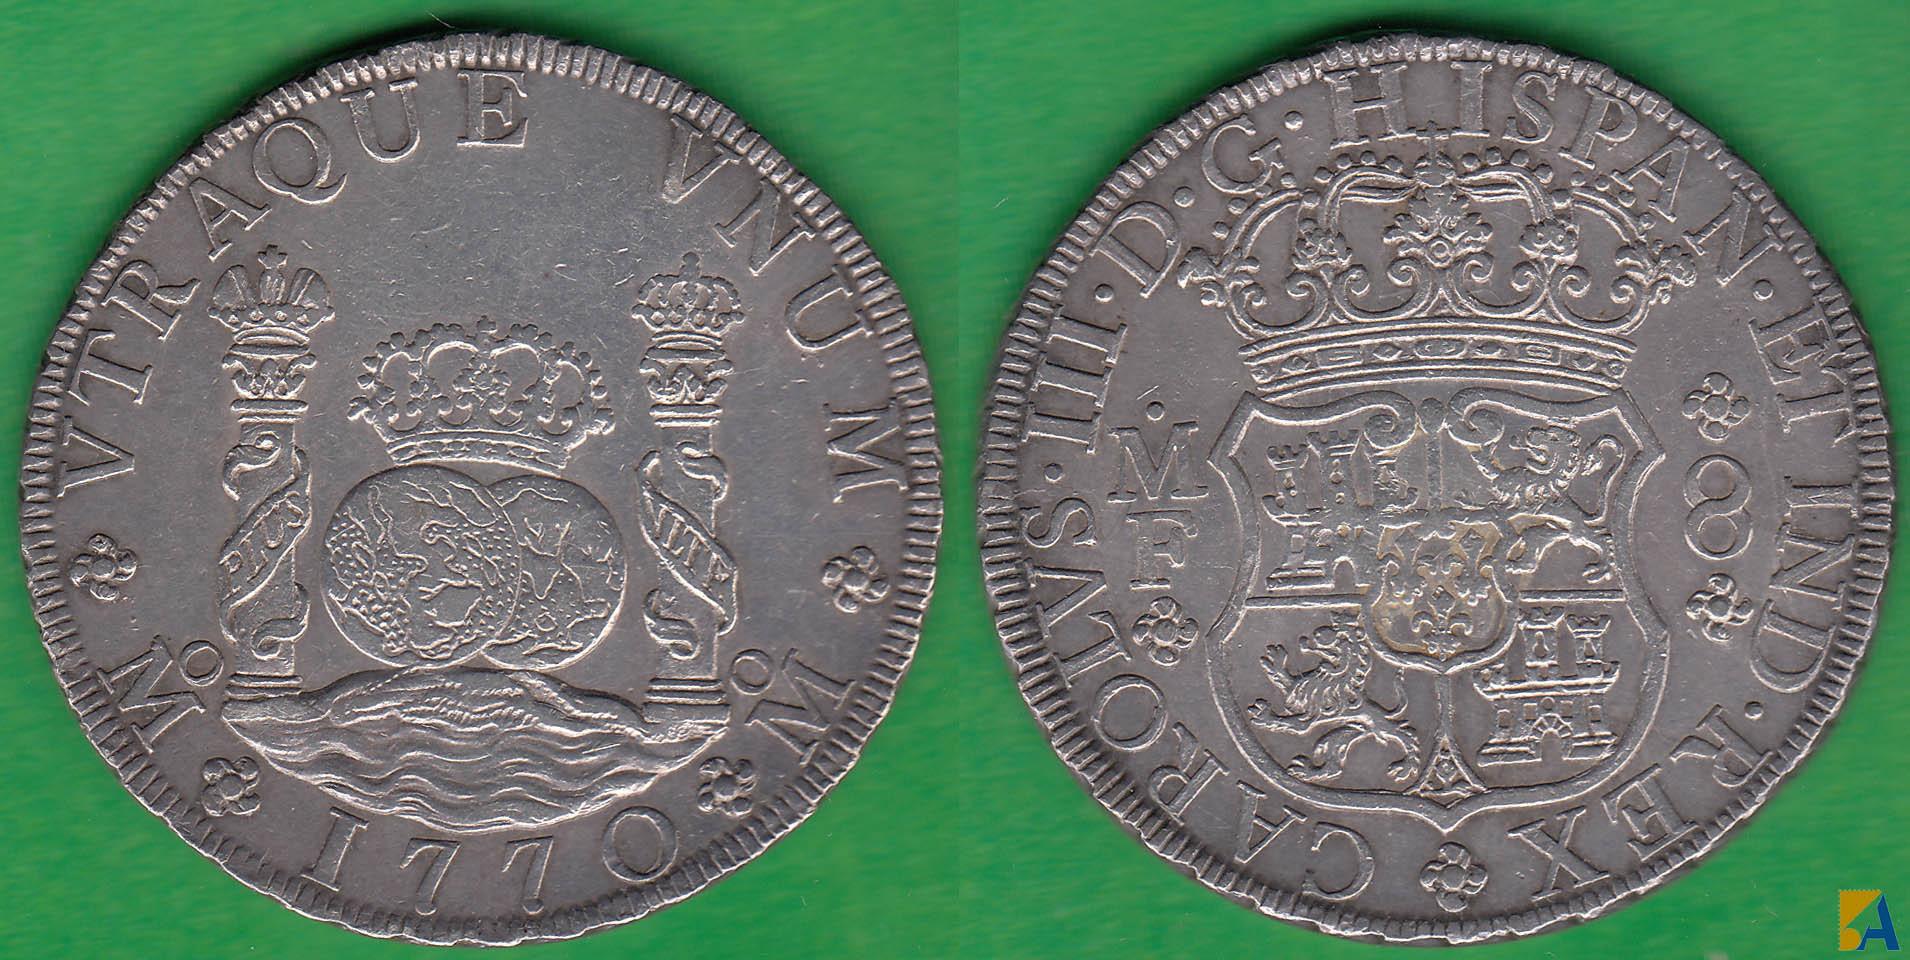 Dudas 8 reales columnario. 8_reales_1770_mexico